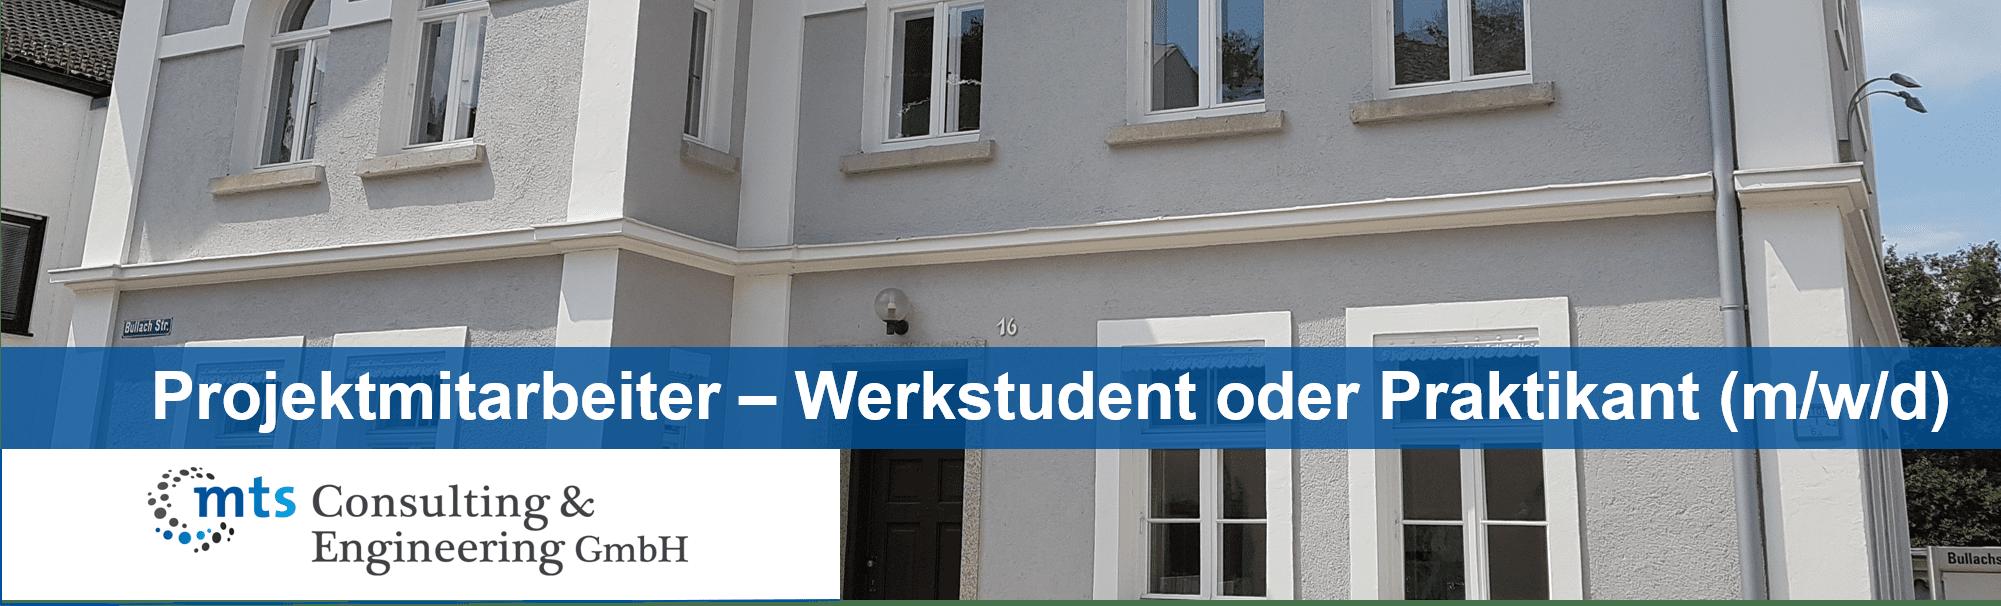 Projektmitarbeiter – Werkstudent oder Praktikant (m/w/d)